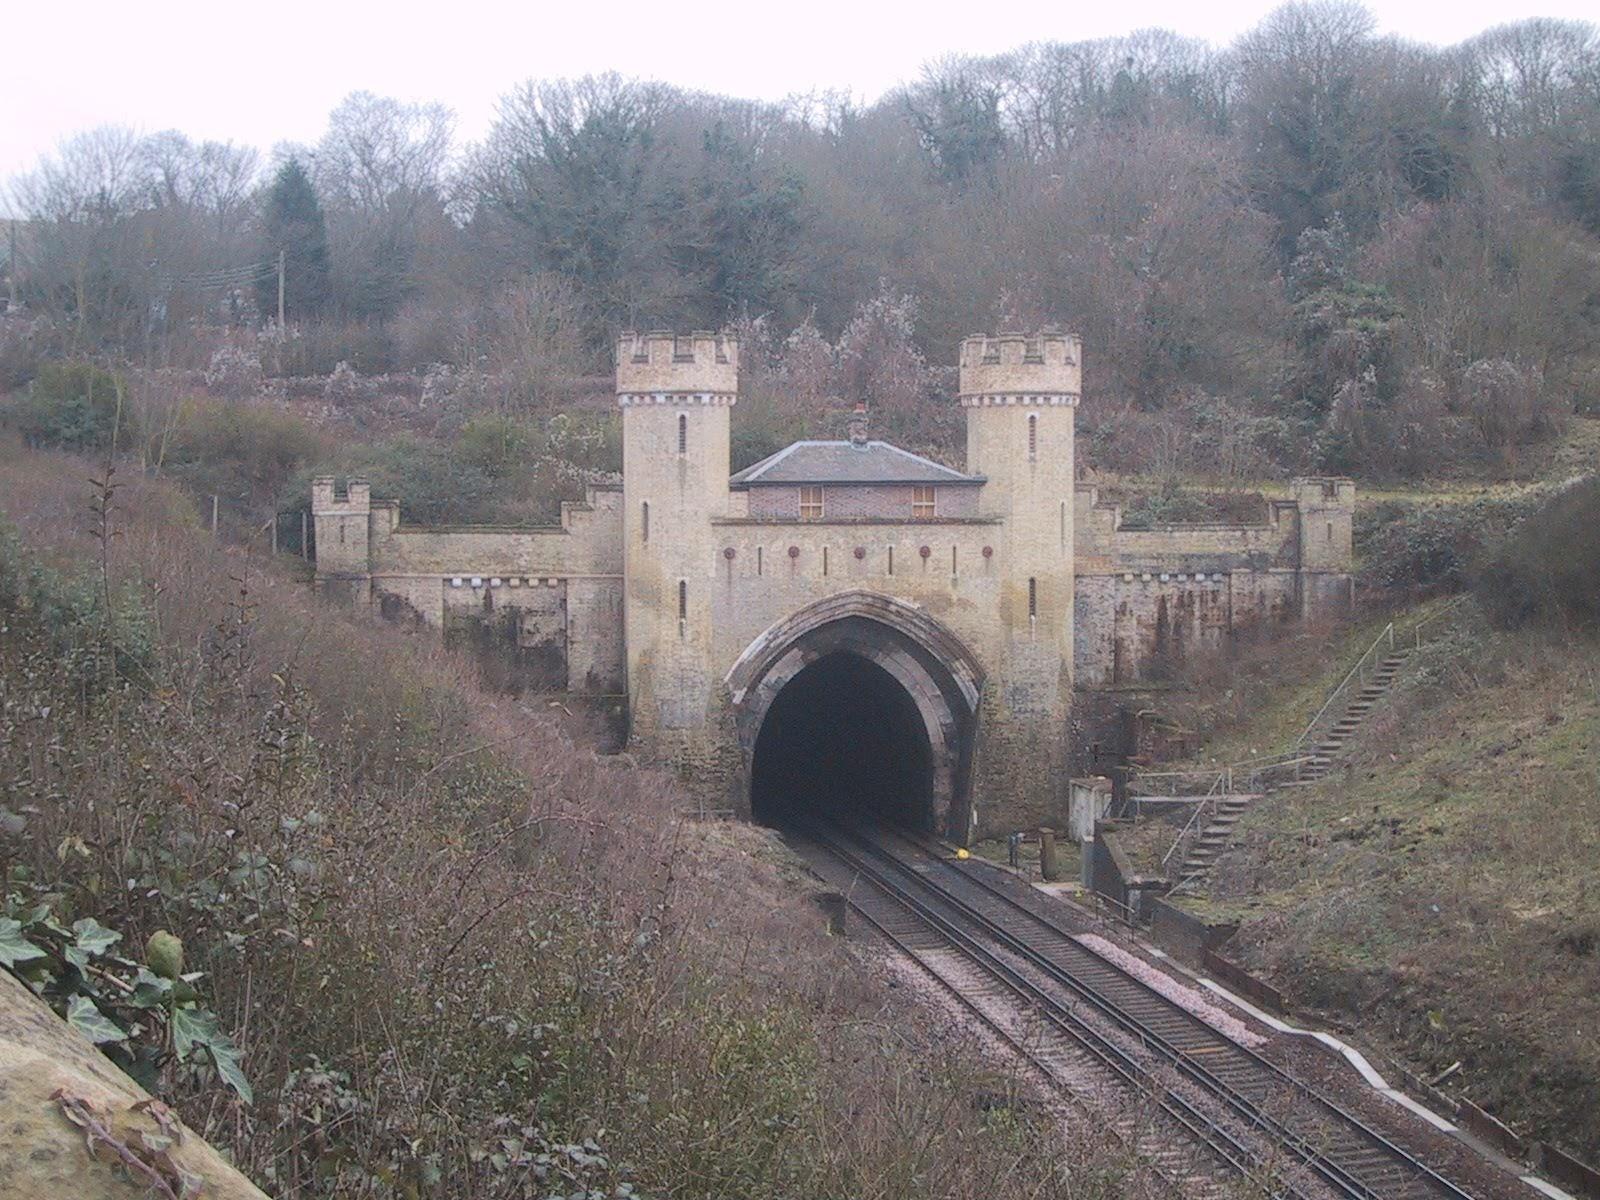 二本の線路が通るクレイトントンネル